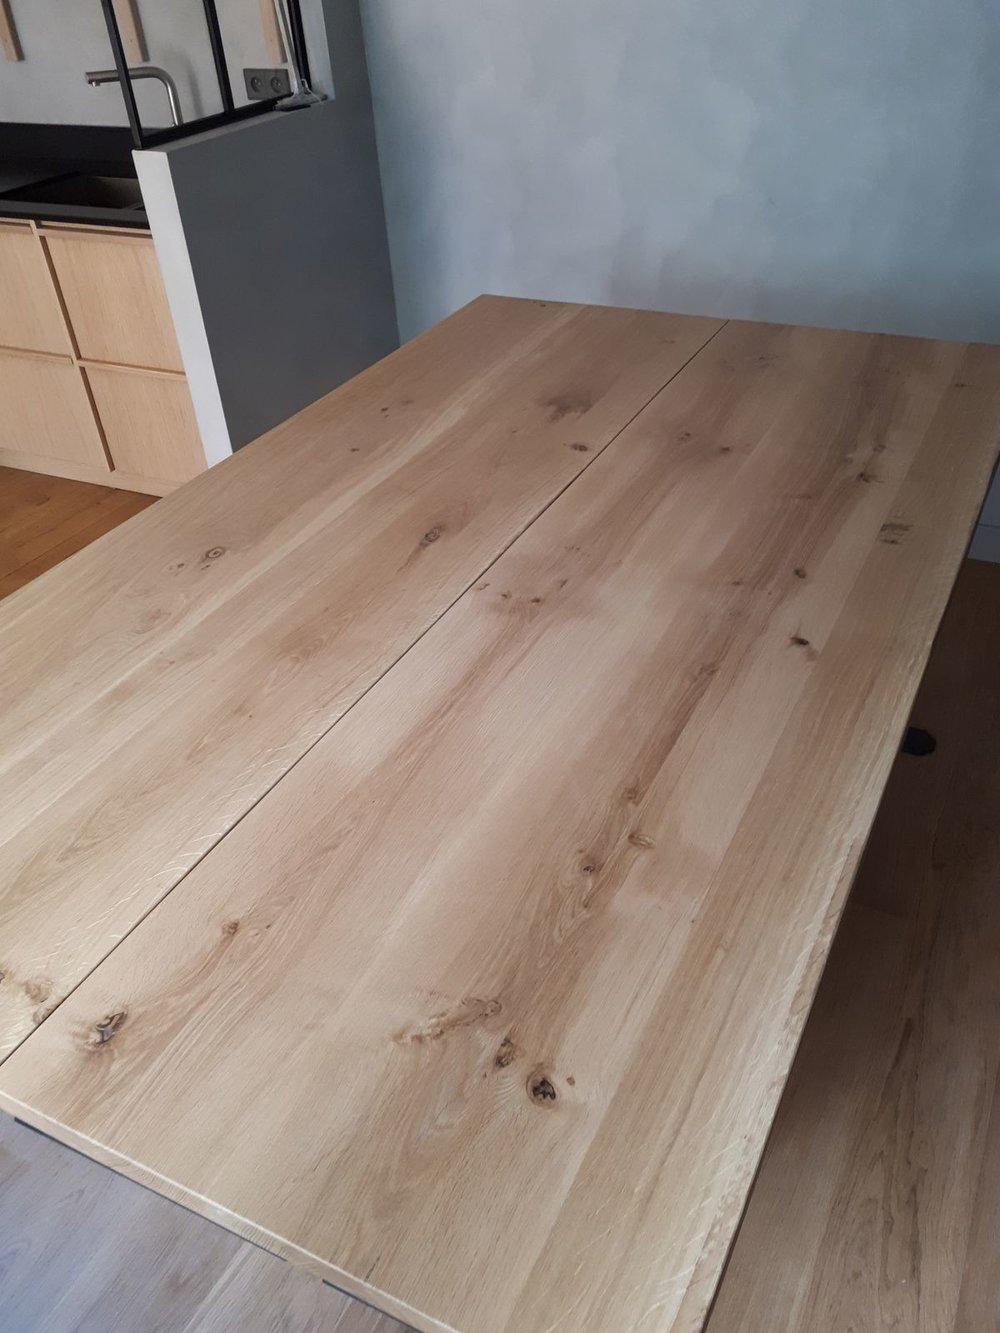 Tables jumelle - Chêne et acier